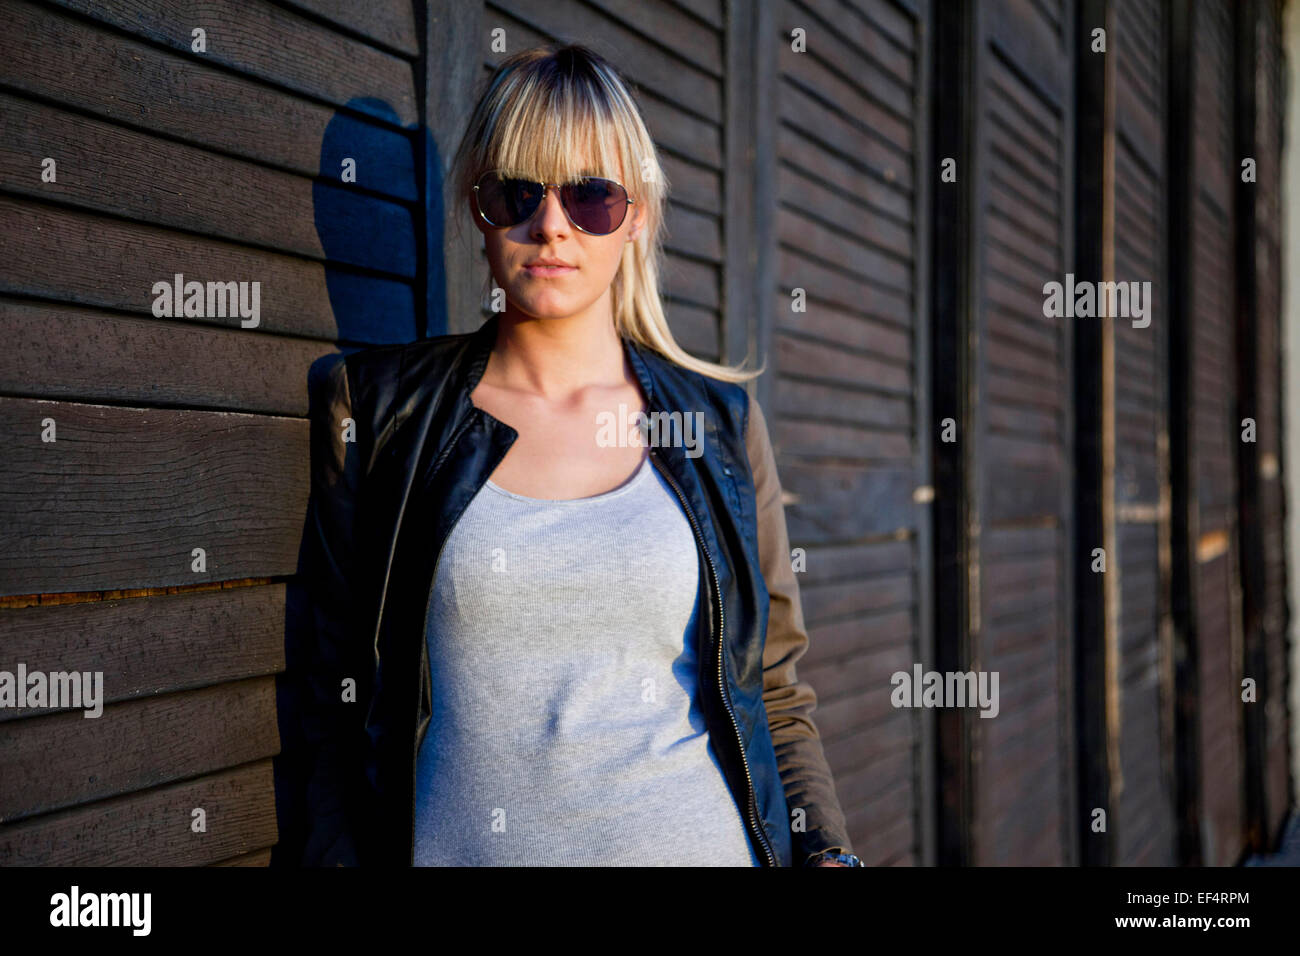 Retrato de mujer joven con gafas de sol Imagen De Stock